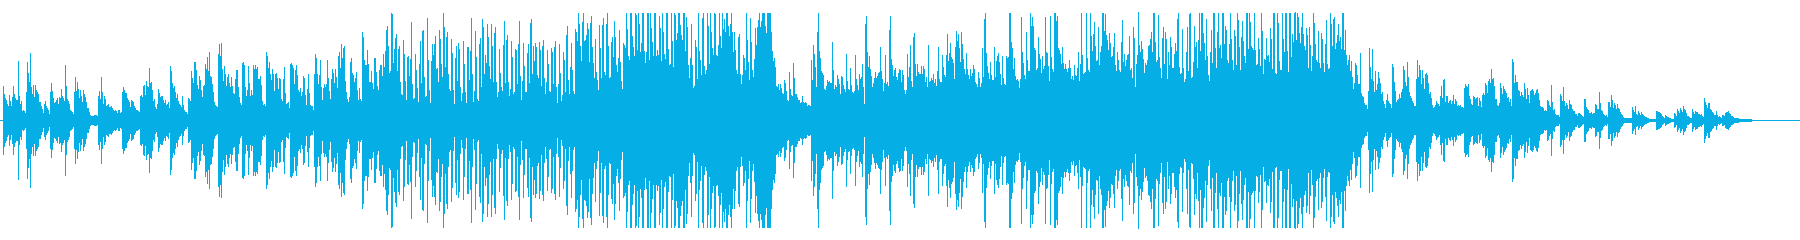 ゆったりピアノから迫力溢れるストリングスの再生済みの波形